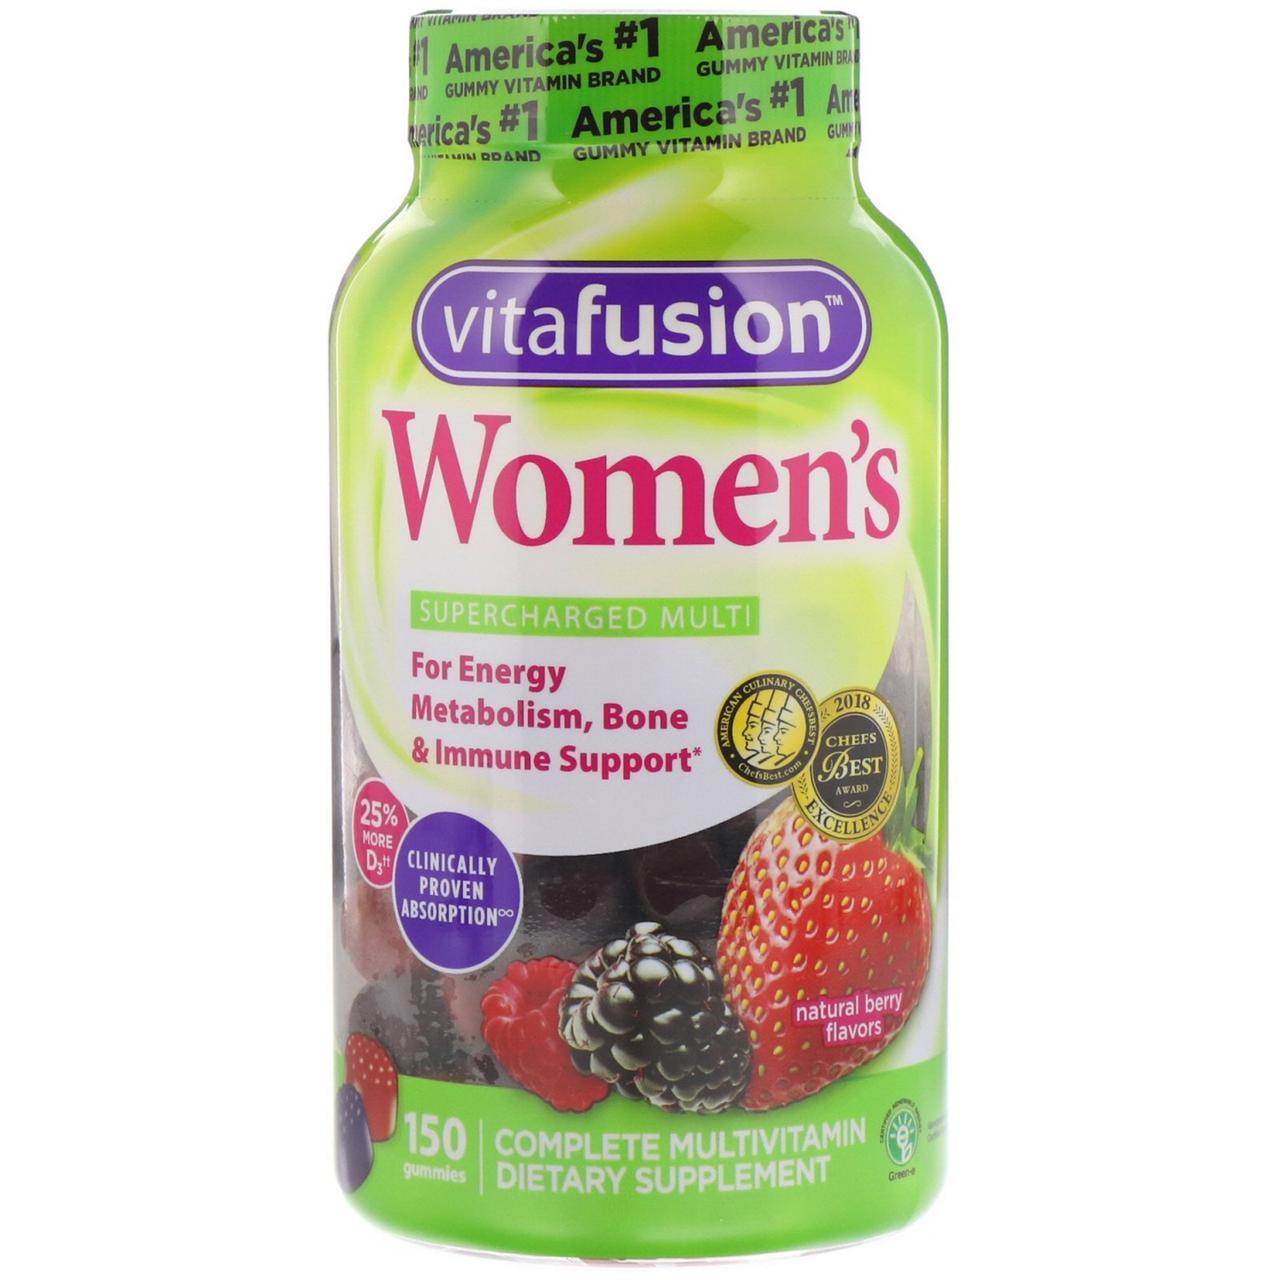 VitaFusion, Жевательные витамины для женщин, натуральные ягодные вкусы, 150 жевательных таблеток